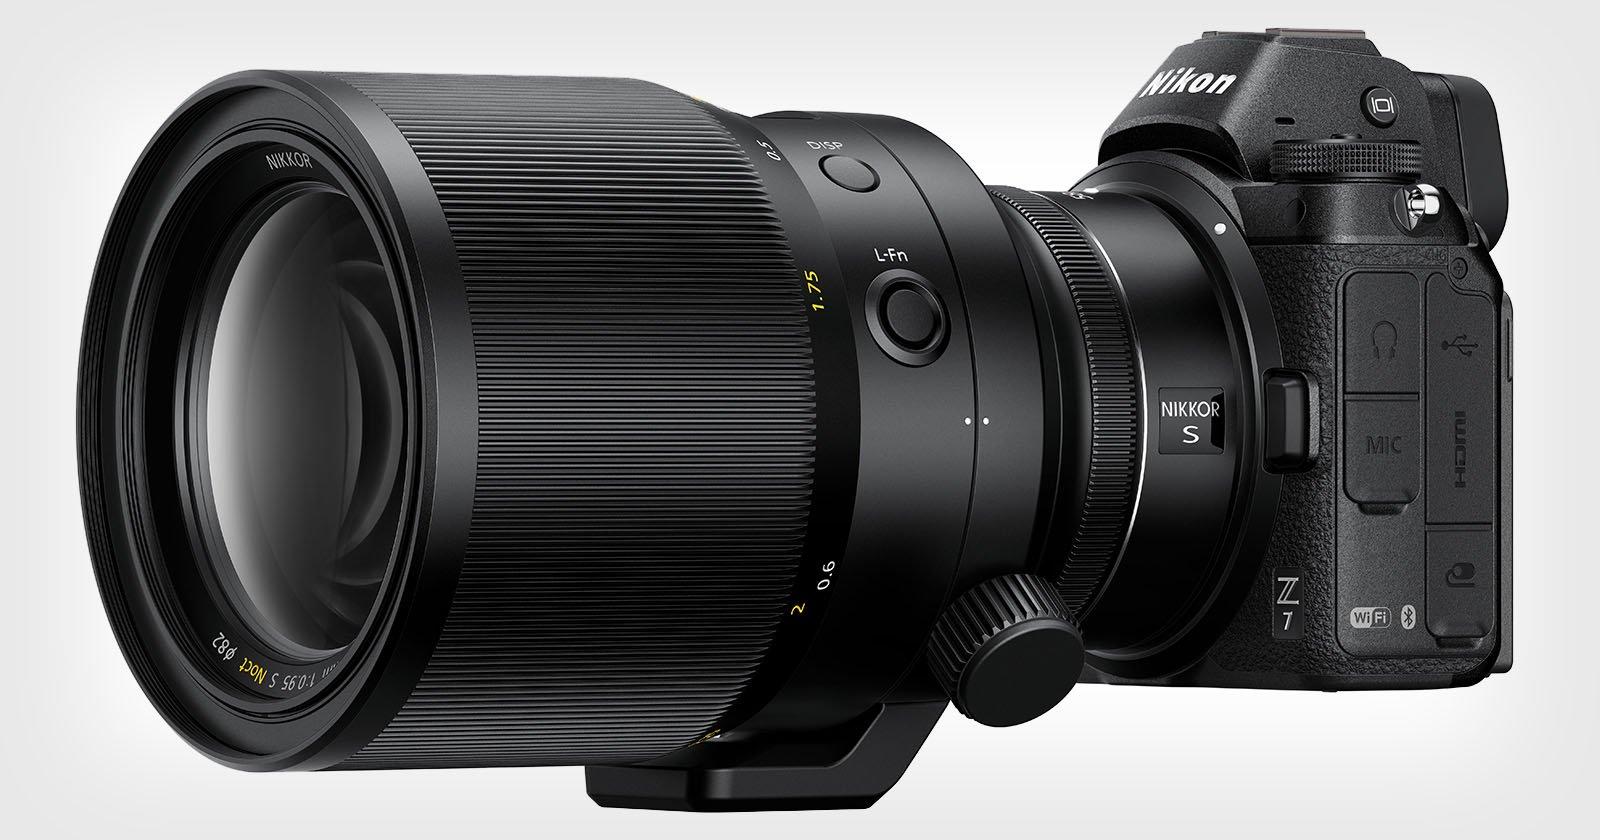 Nikon 58mm f/0.95 S Noct: $8,000 for the Fastest Nikkor Lens Ever